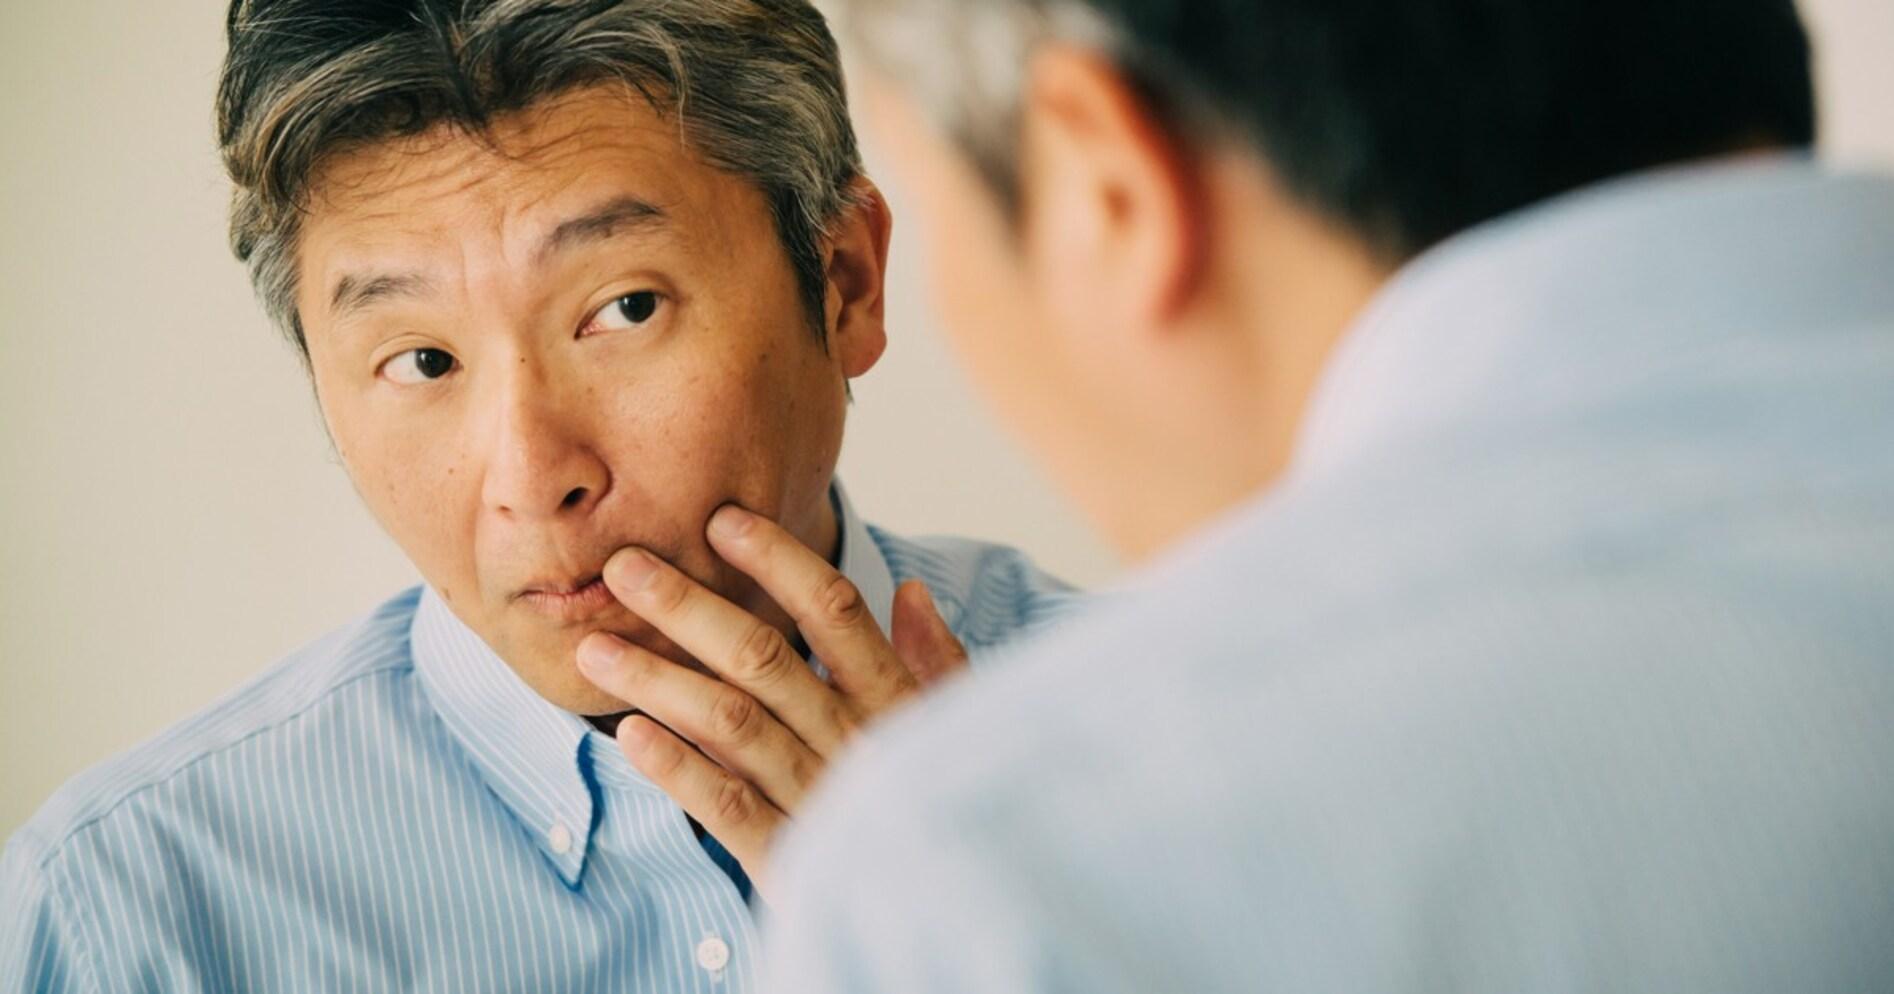 アレって皮膚科で治せるんだ…アラフィフ男子の「美肌治療」最新事情